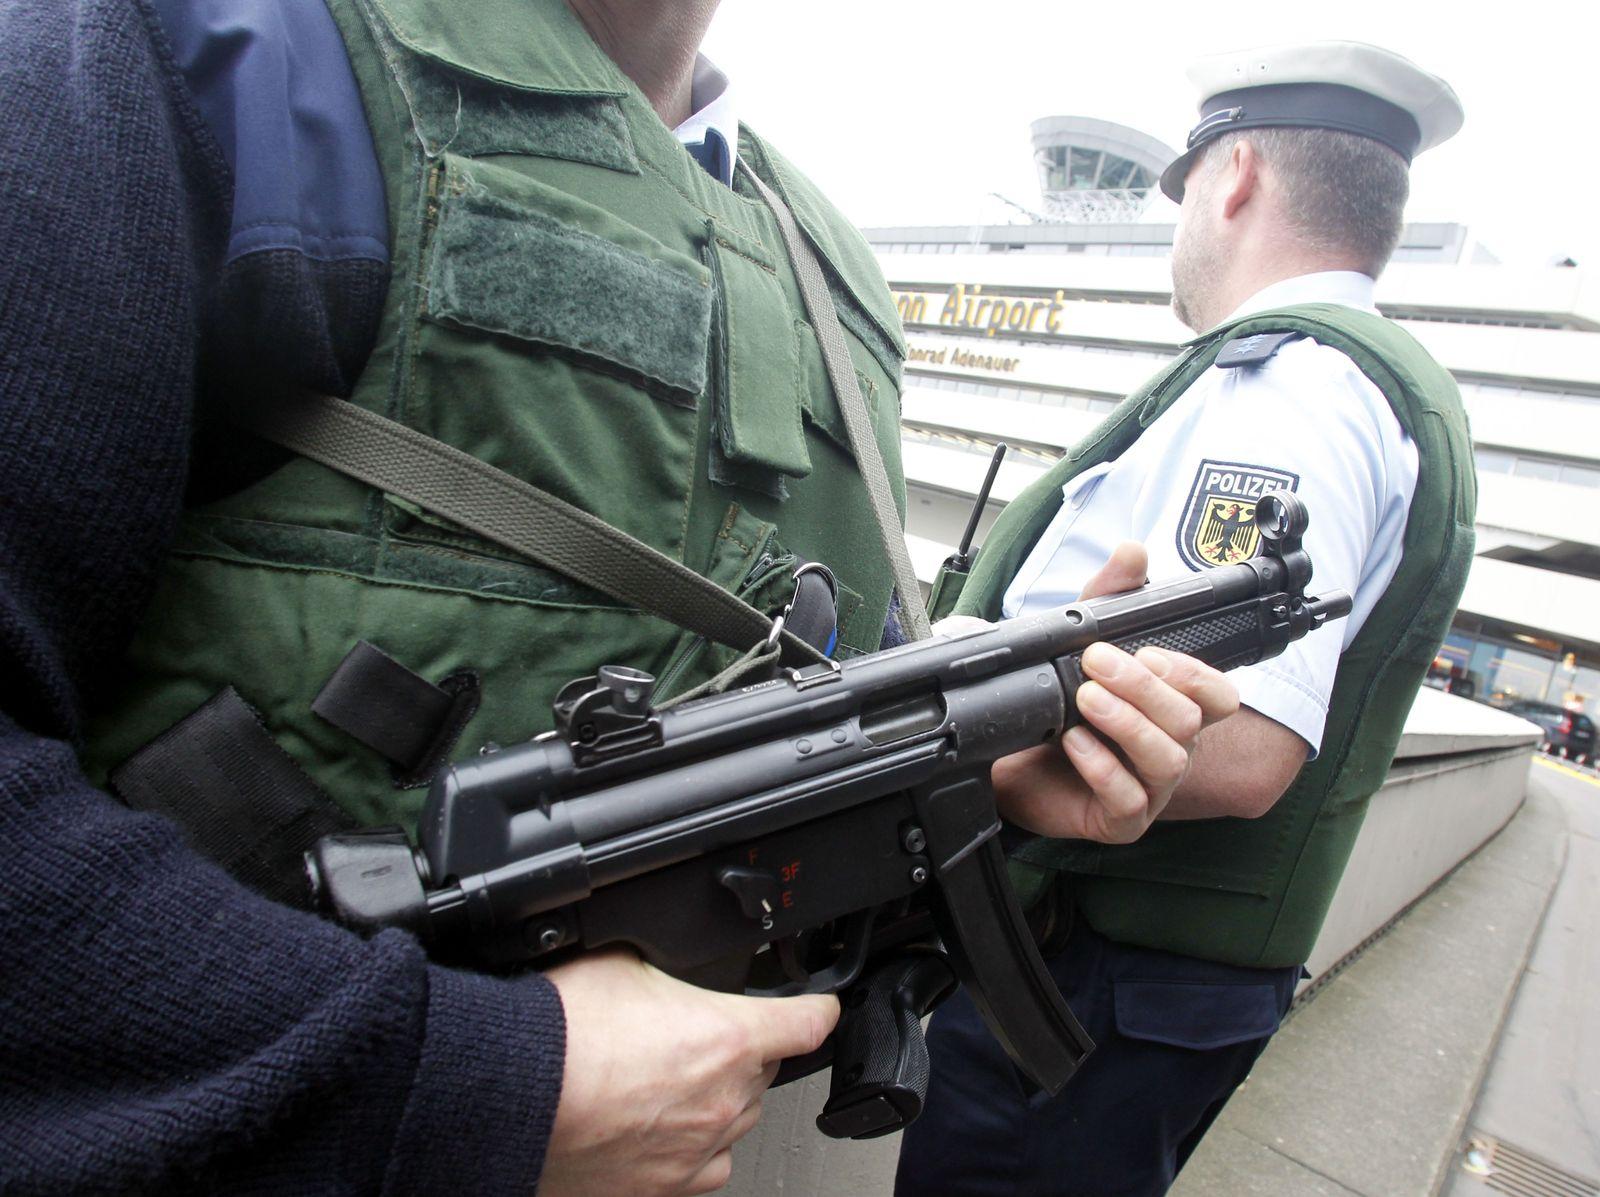 NICHT VERWENDEN Polizisten in Köln/Bonn